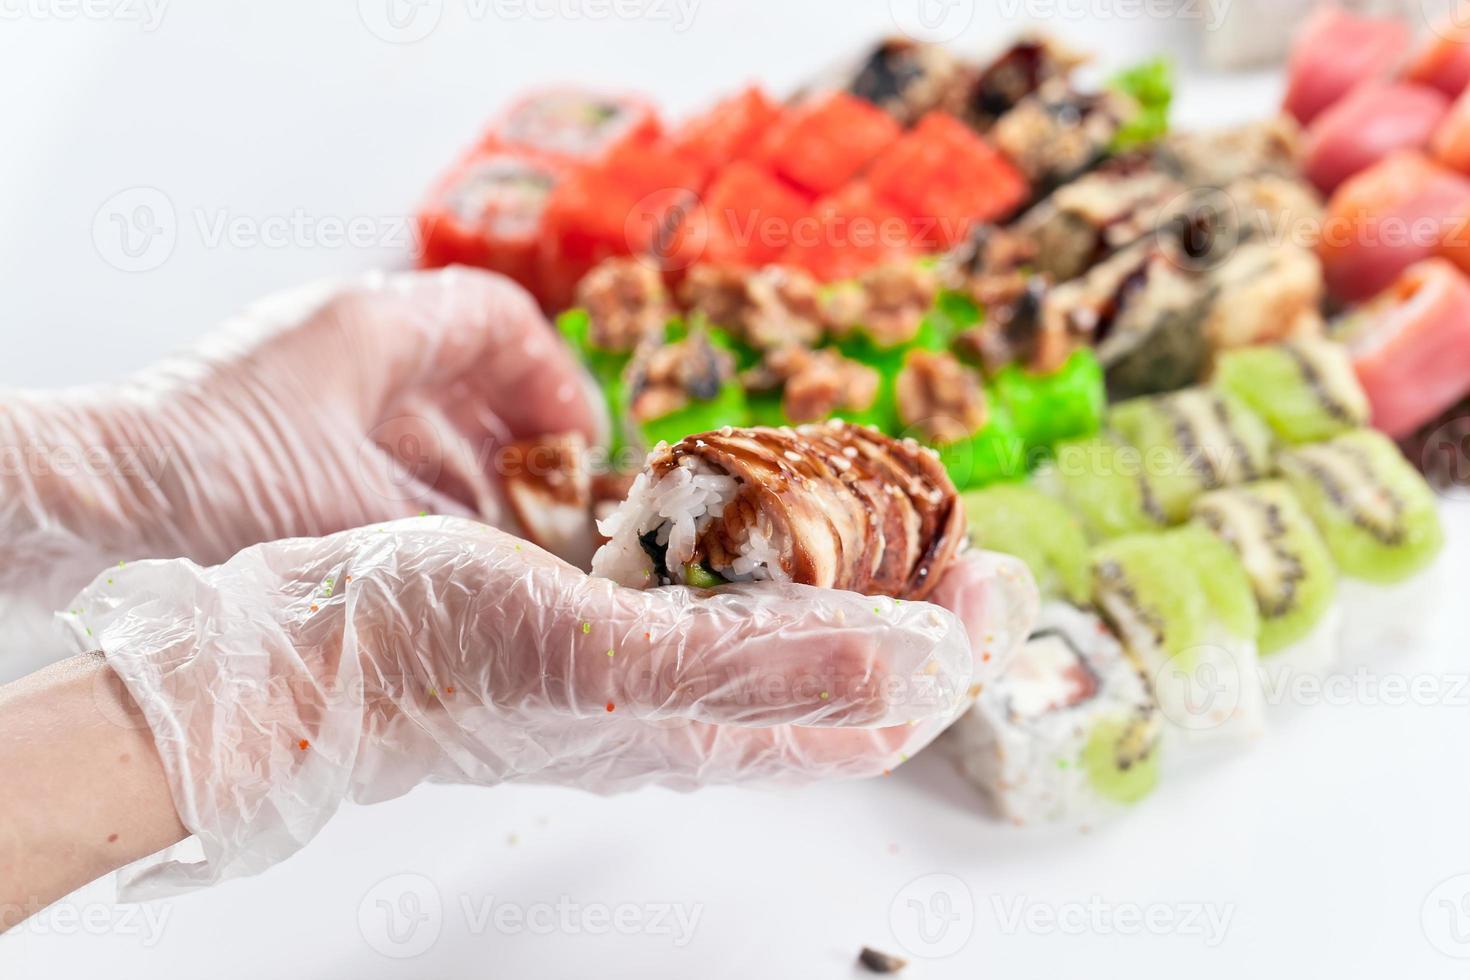 Tisch mit Meeresfrüchten foto